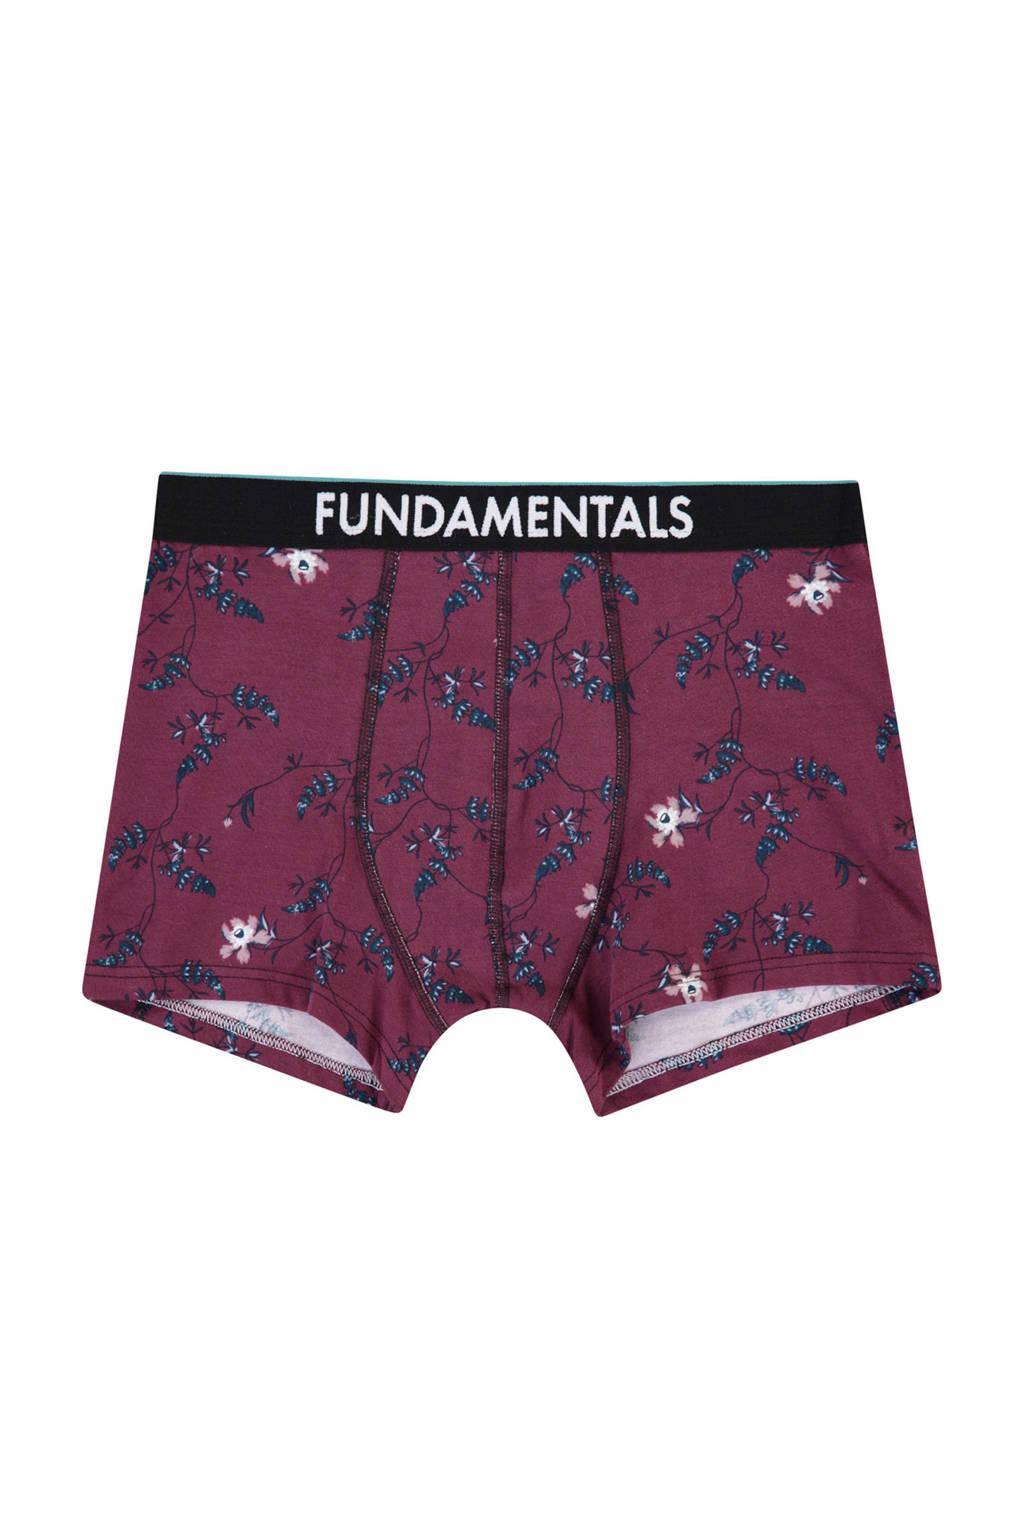 WE Fashion Fundamental boxershort, bordeauxrood/blauw